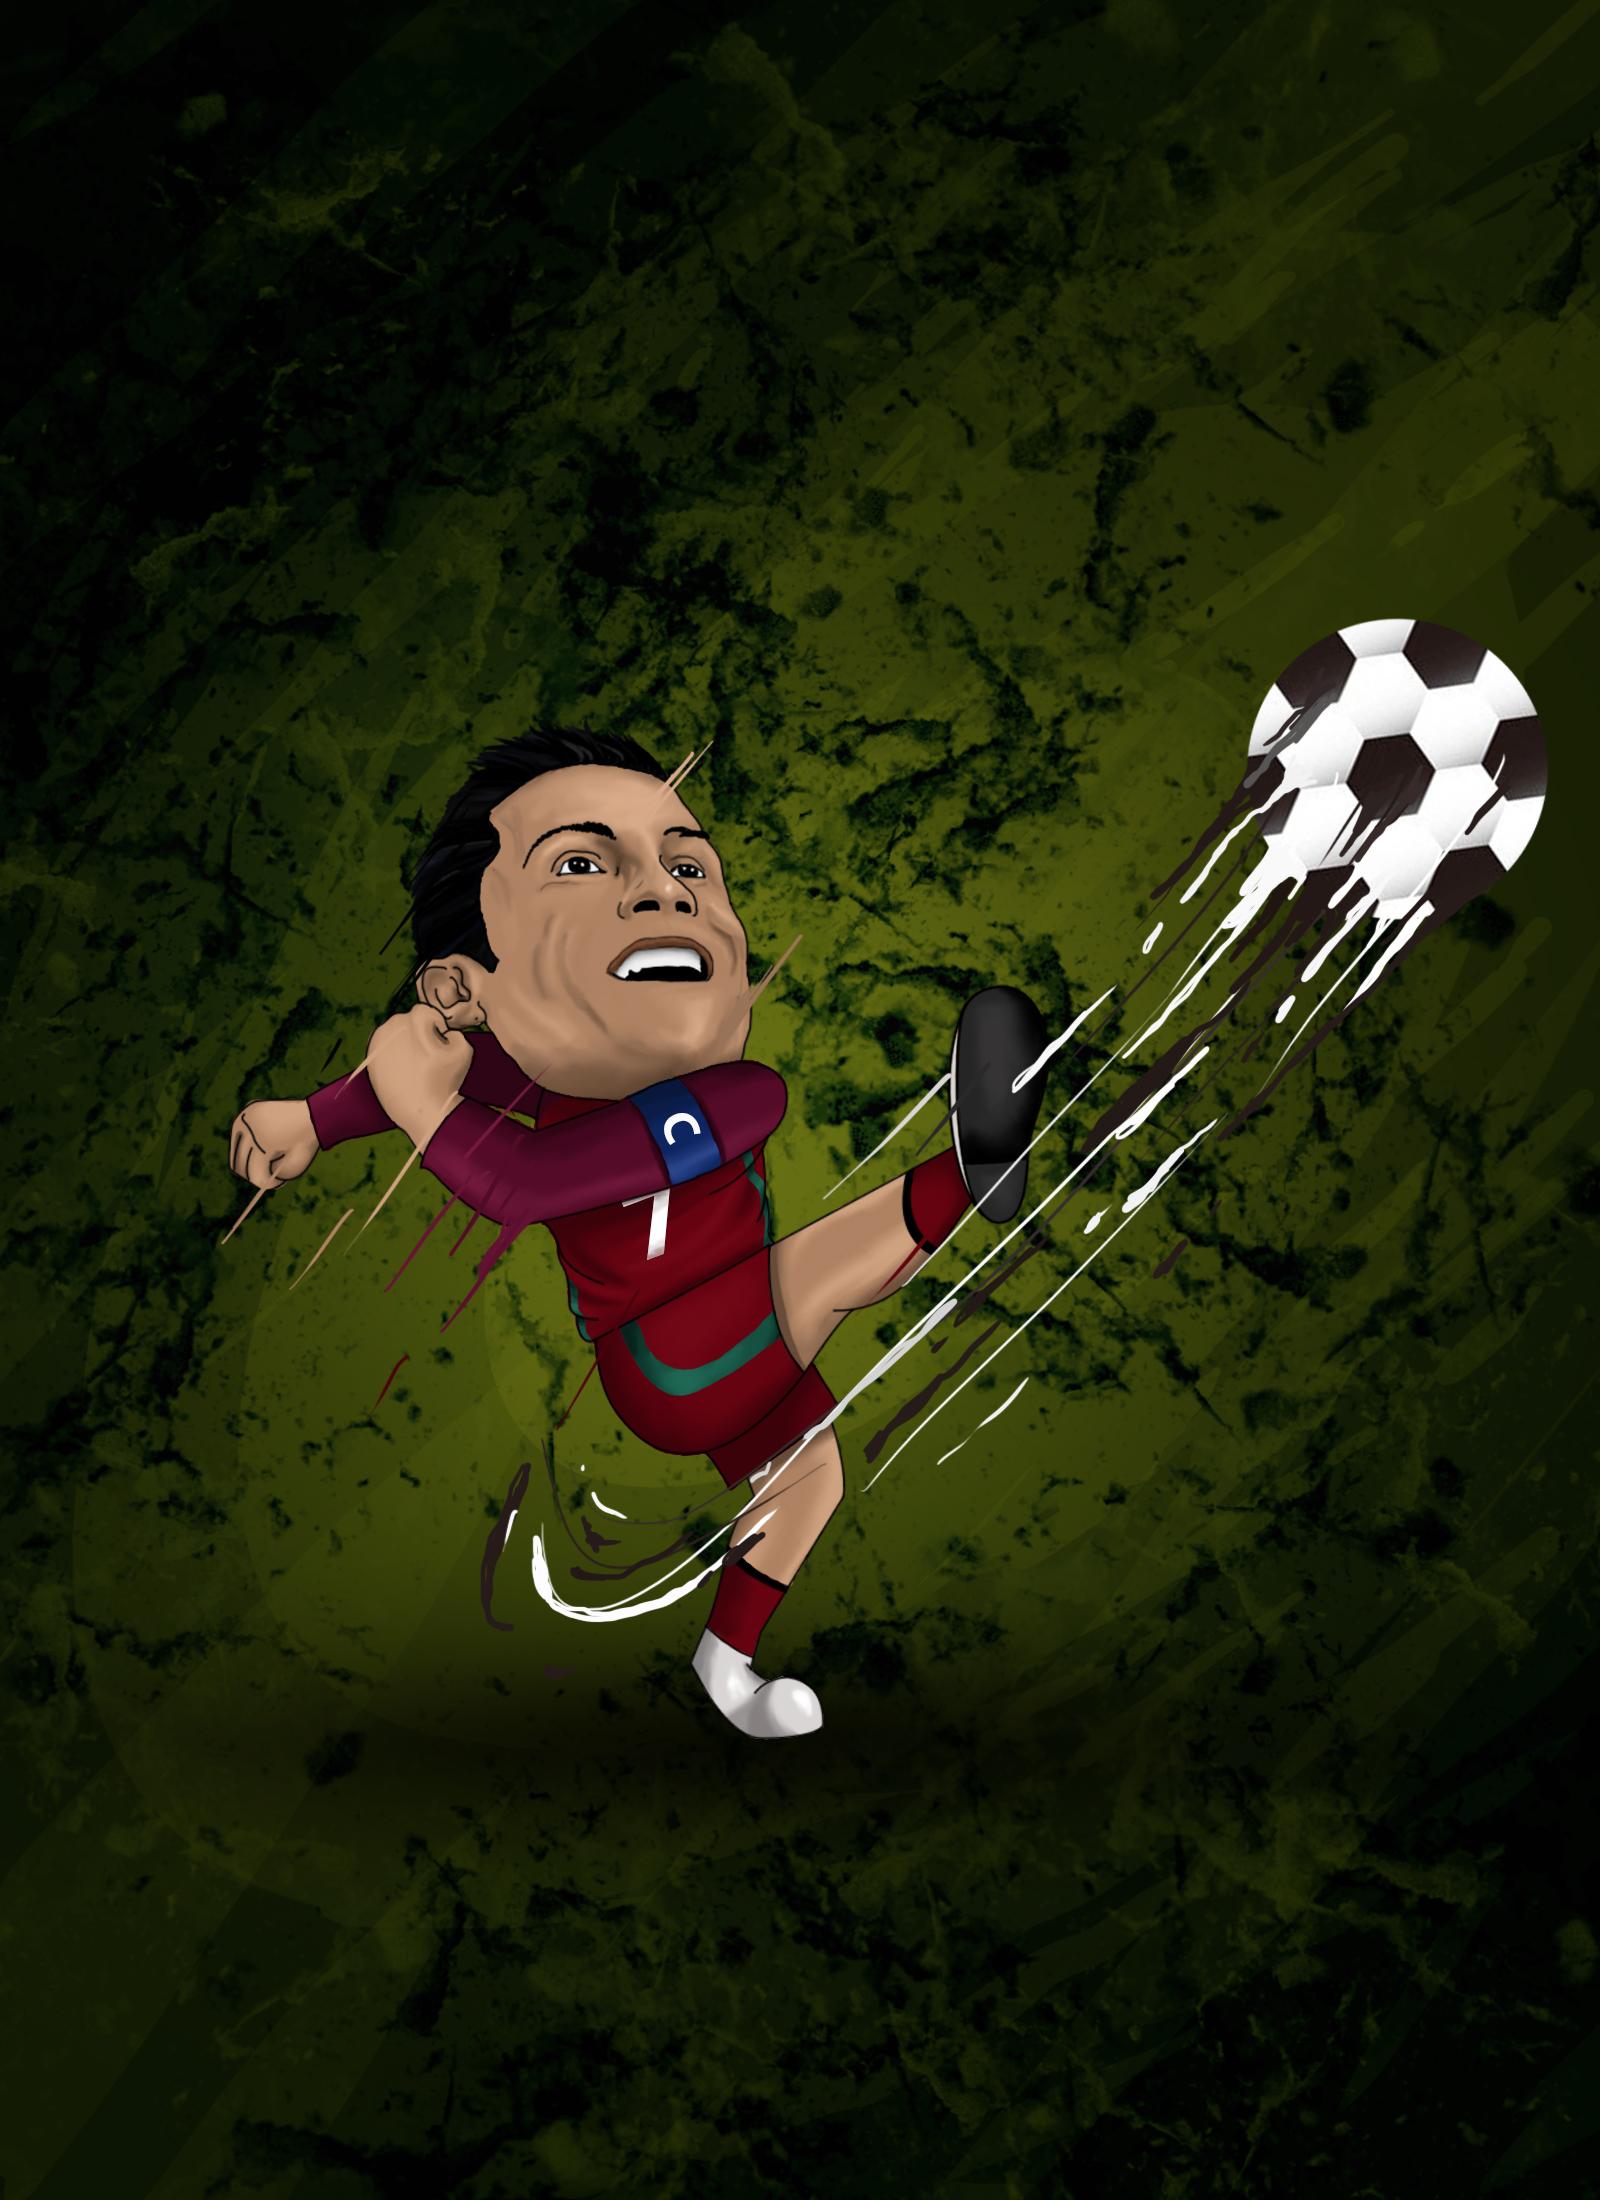 Ronaldo Cartoon By Ashisanimation On Newgrounds